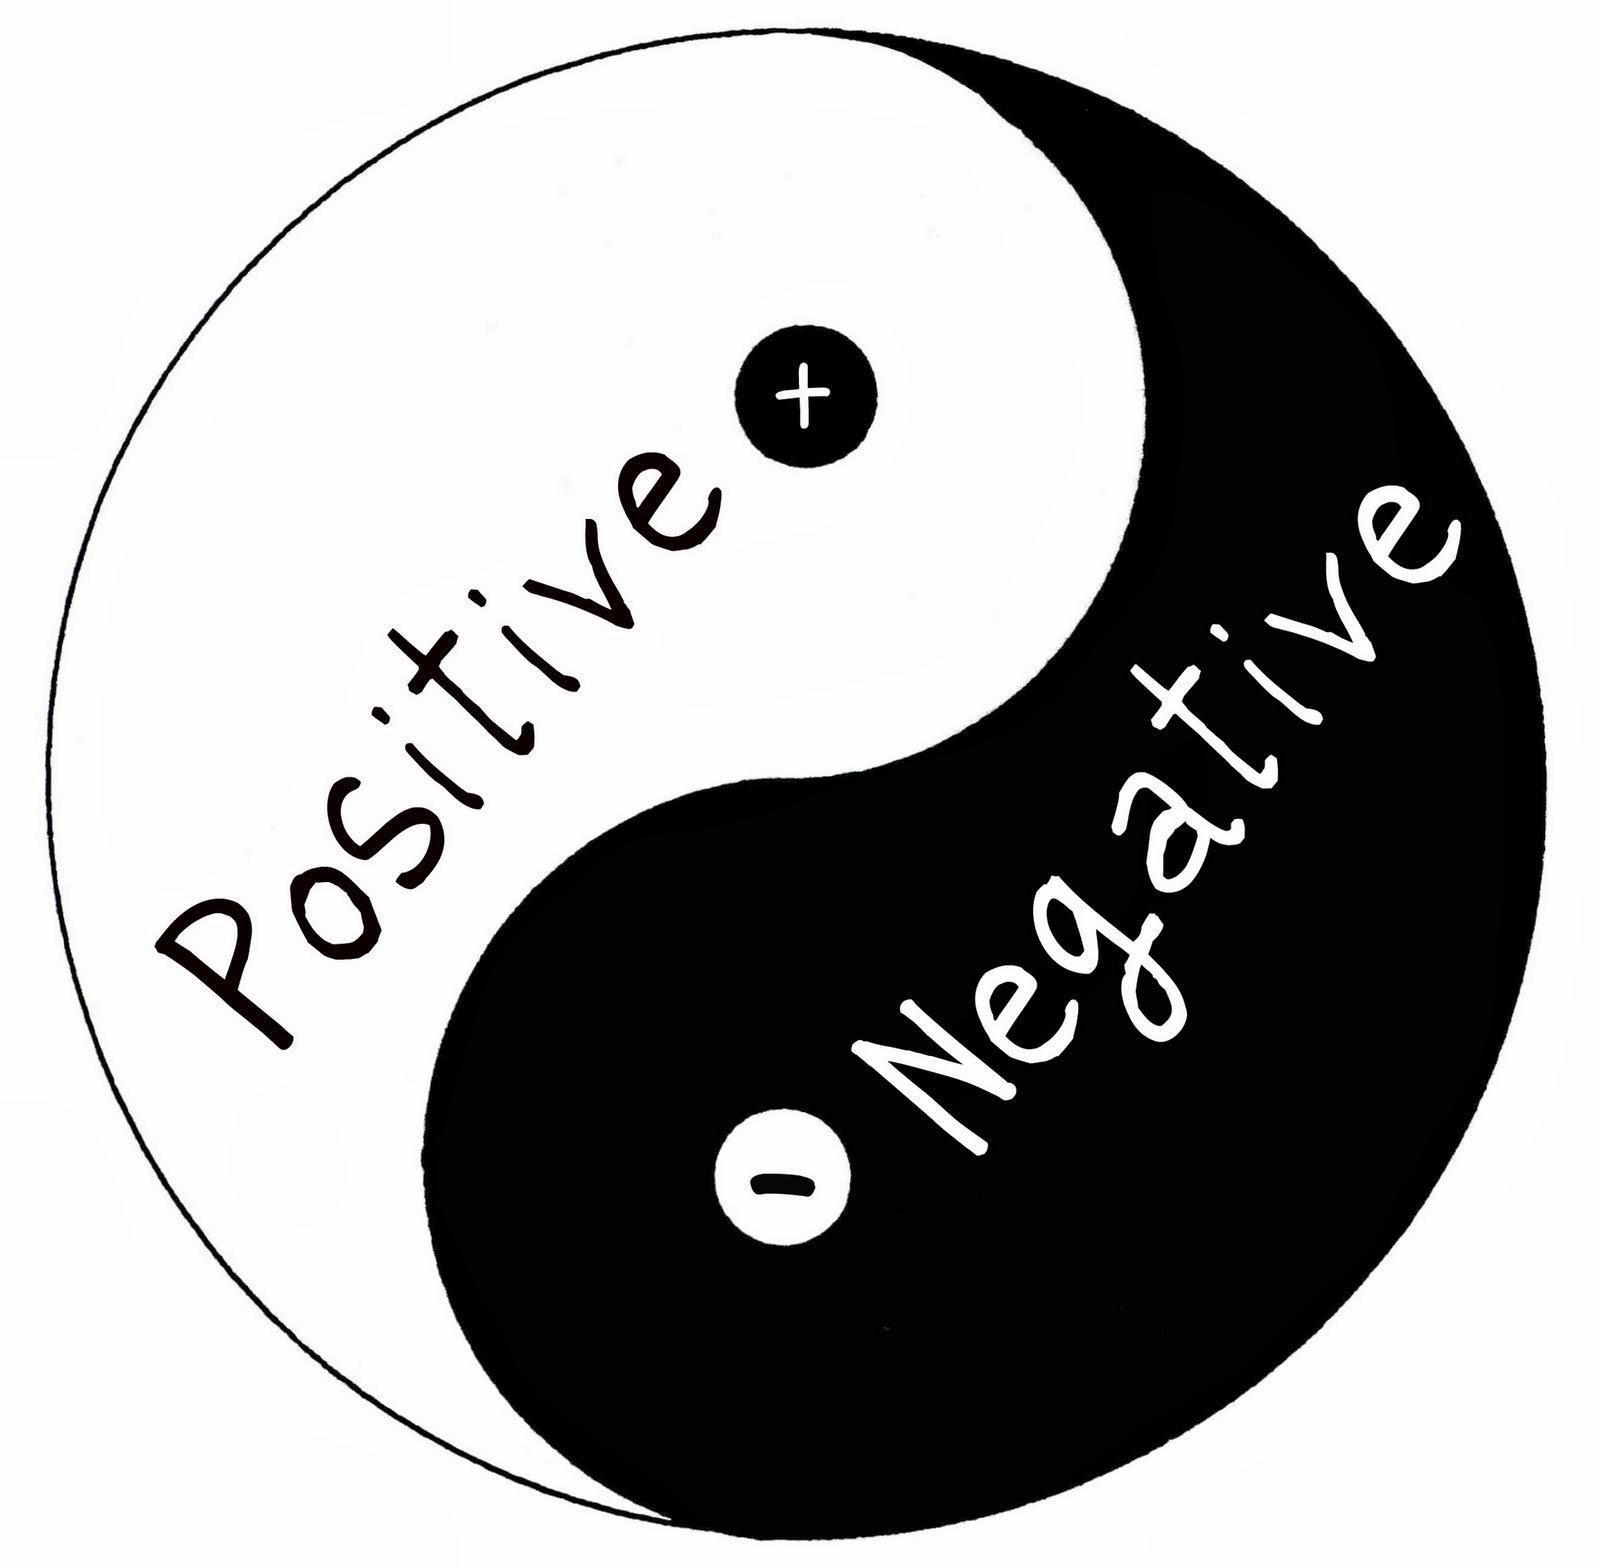 Tích cực và tiêu cực